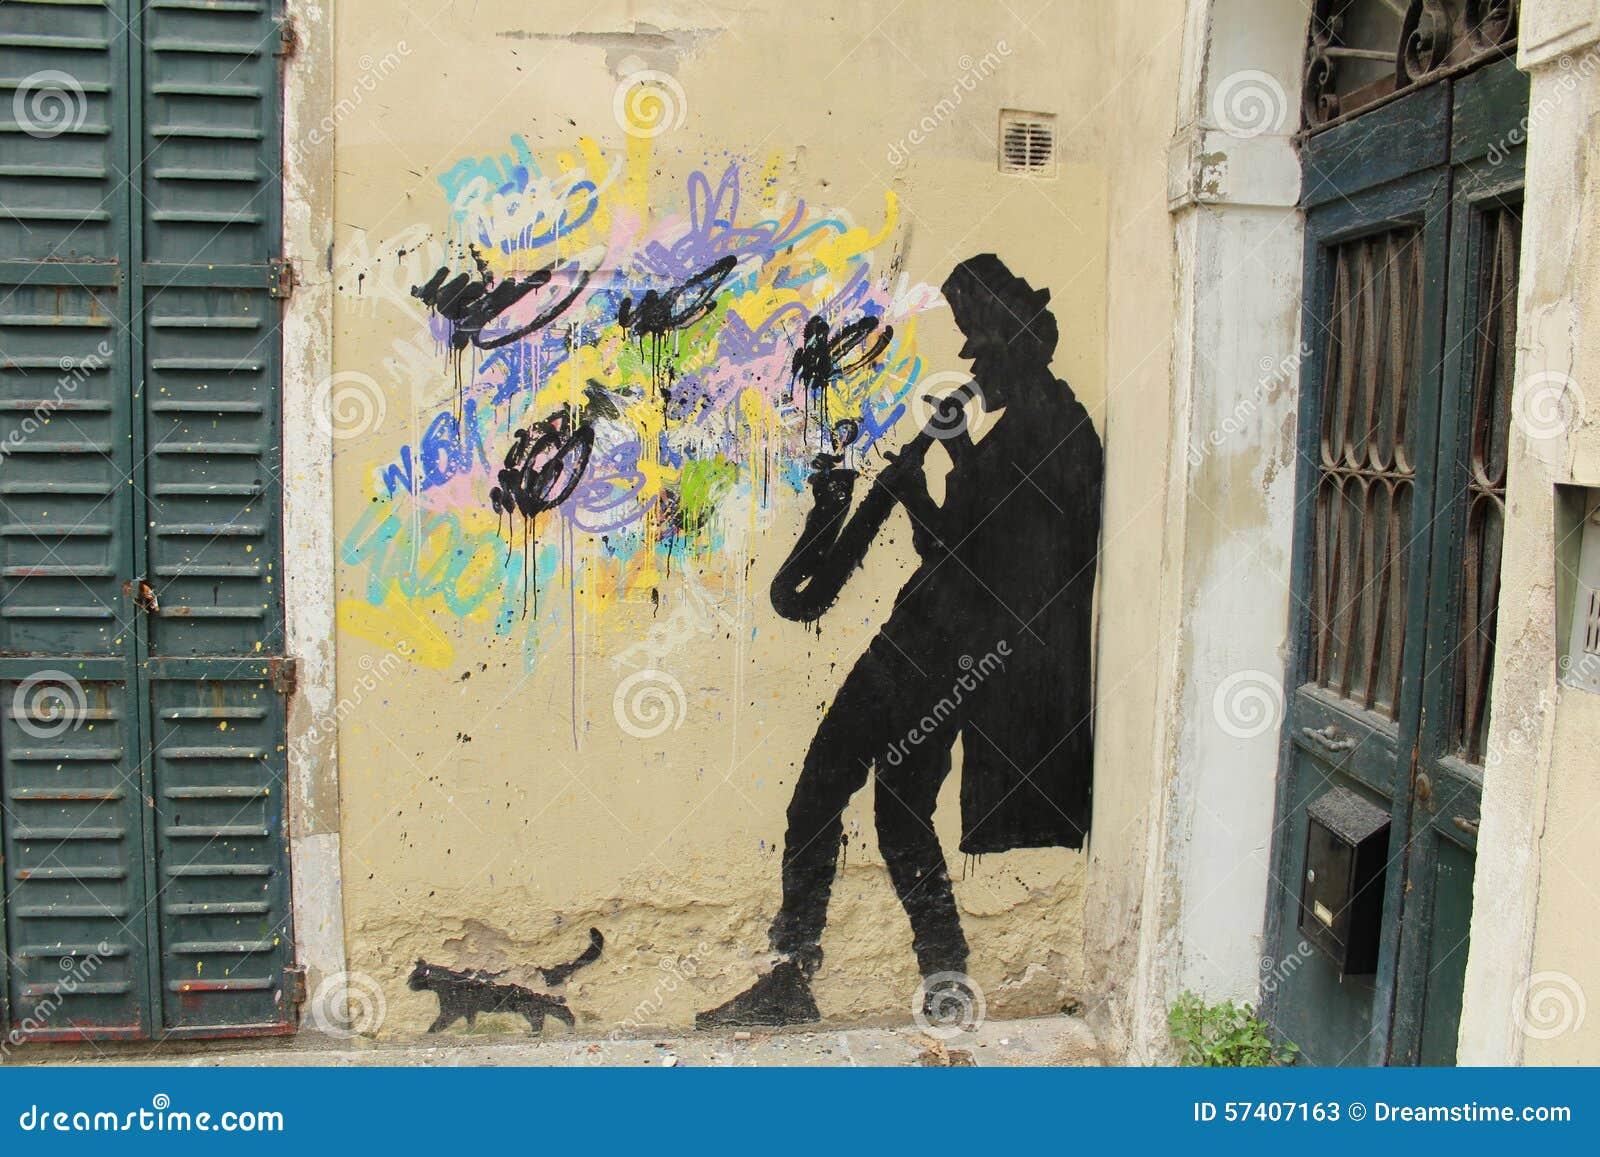 Exelent Urban Wall Decor Collection - Art & Wall Decor - hecatalog.info